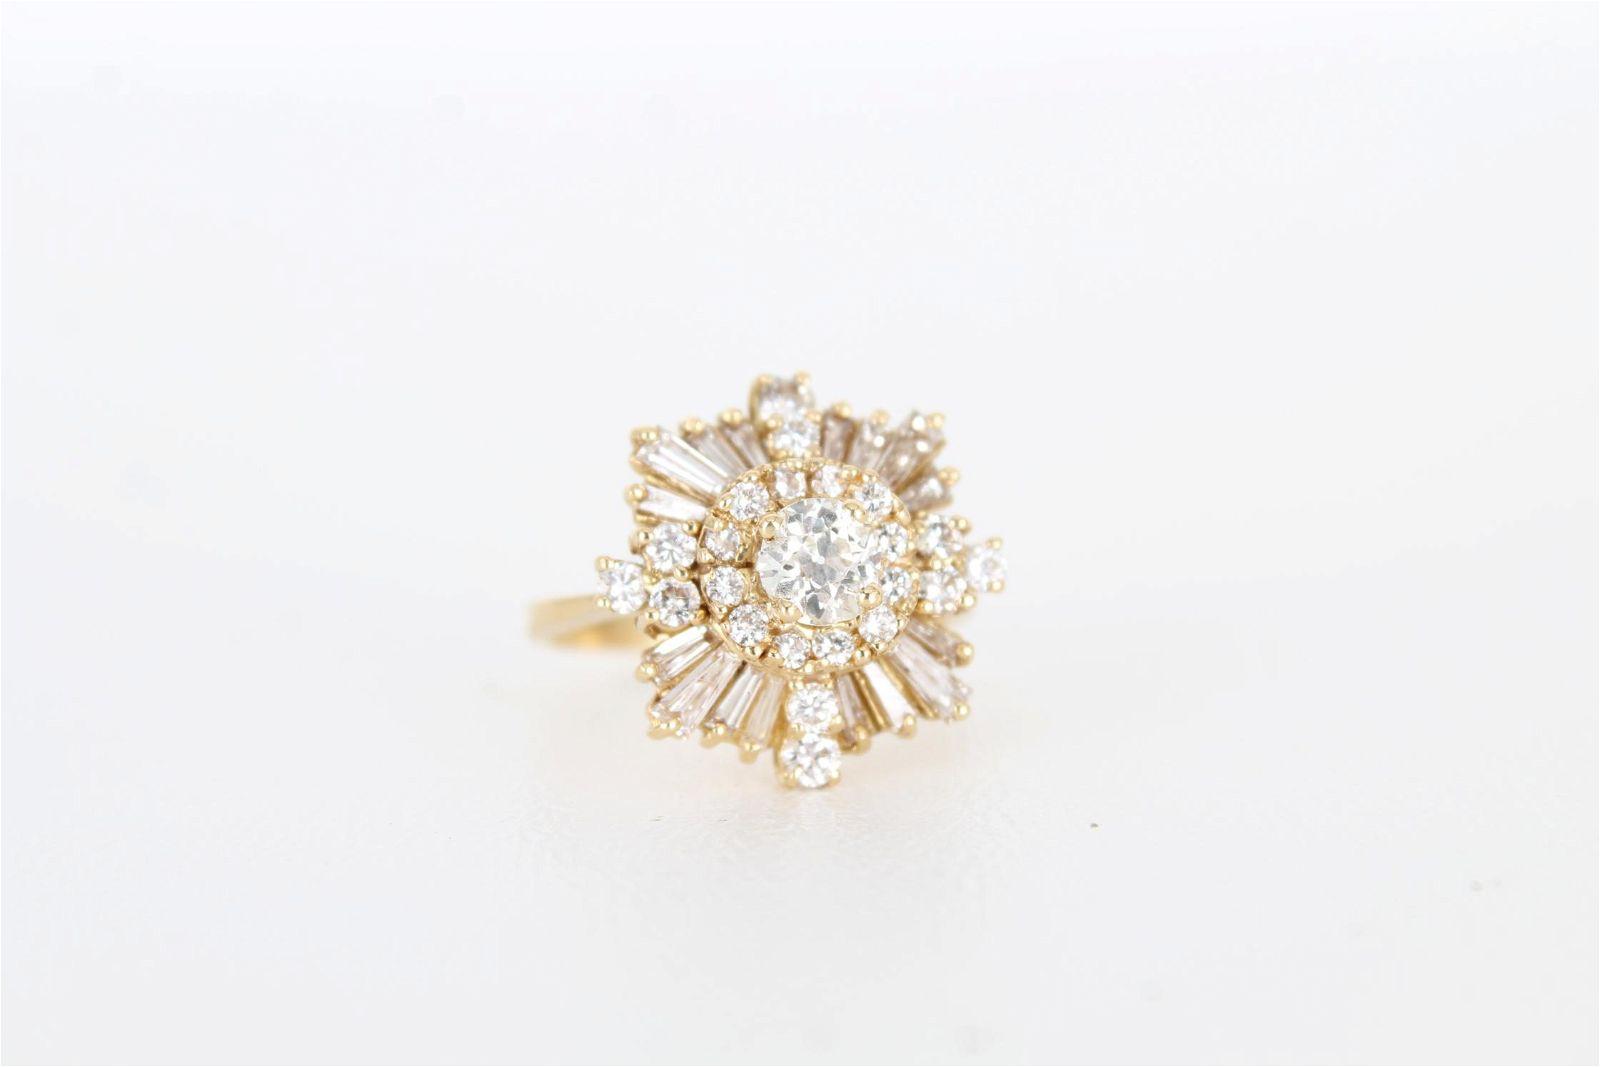 18K Gold & Diamond Cluster Ring